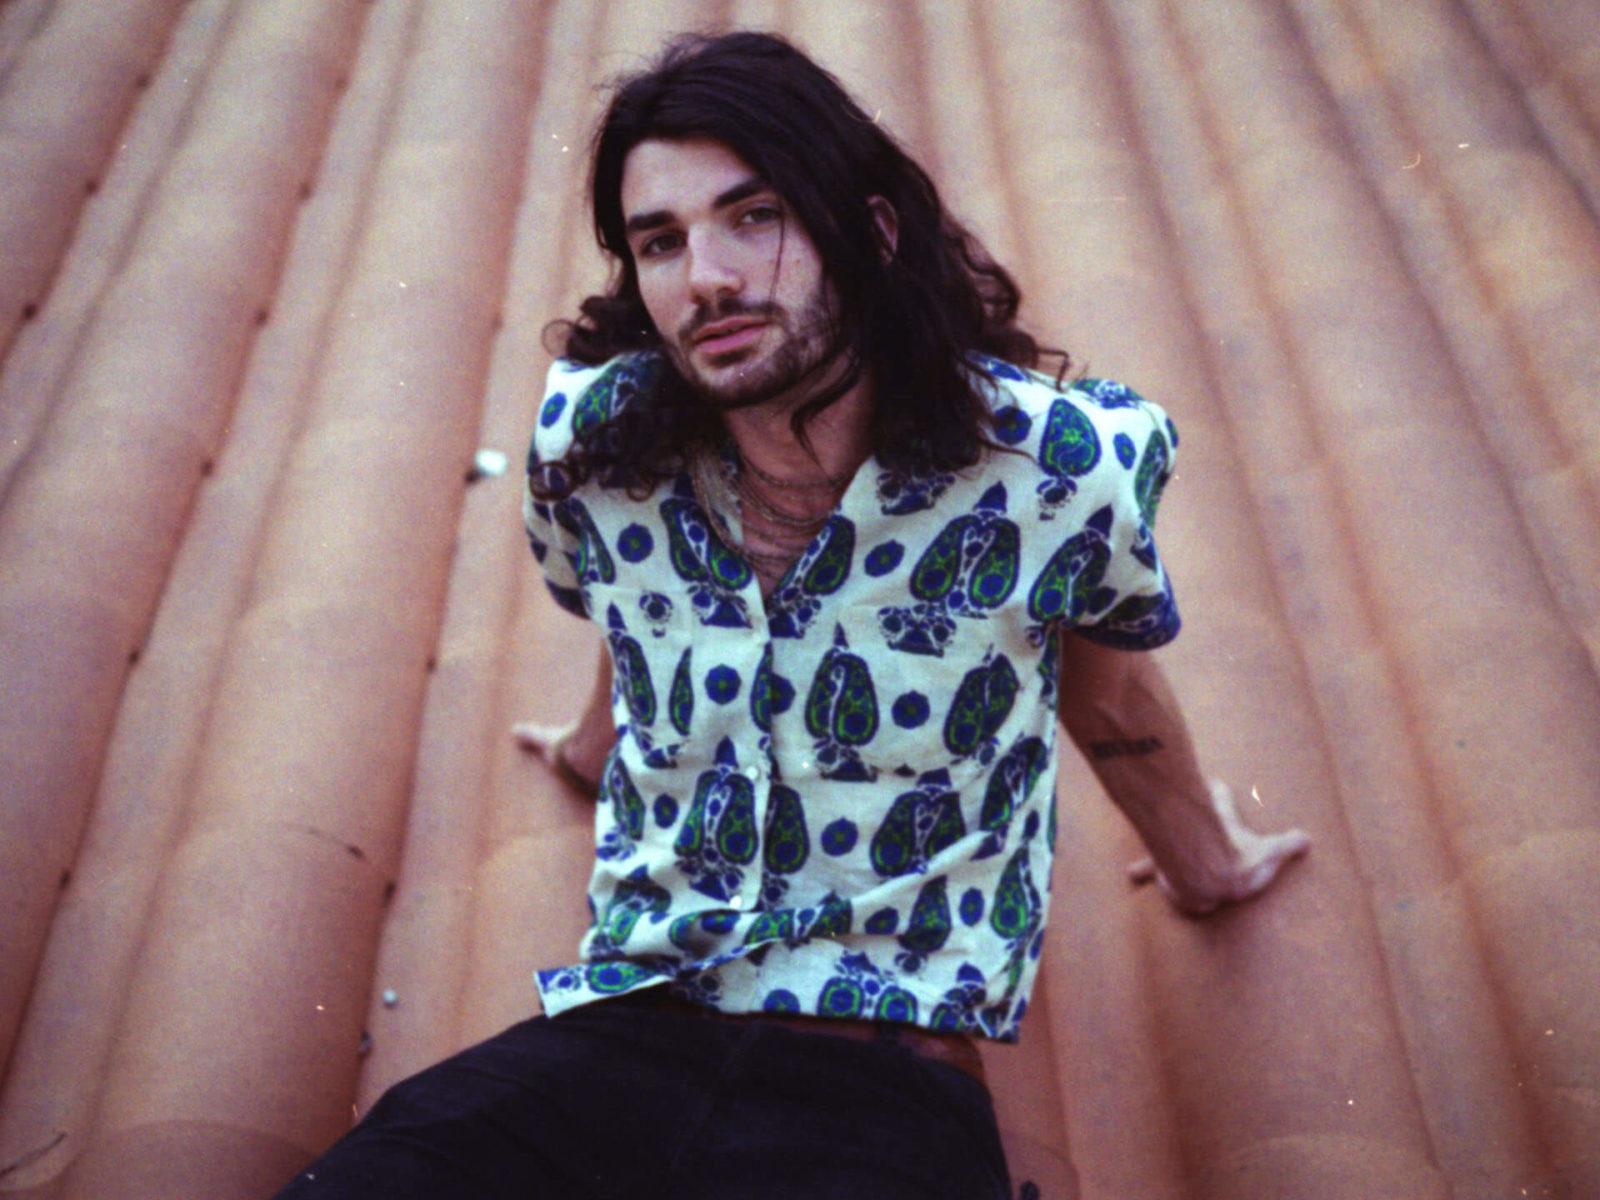 Stephen、4年ぶりの2ndアルバム「Akrasia」をリリースサムネイル画像